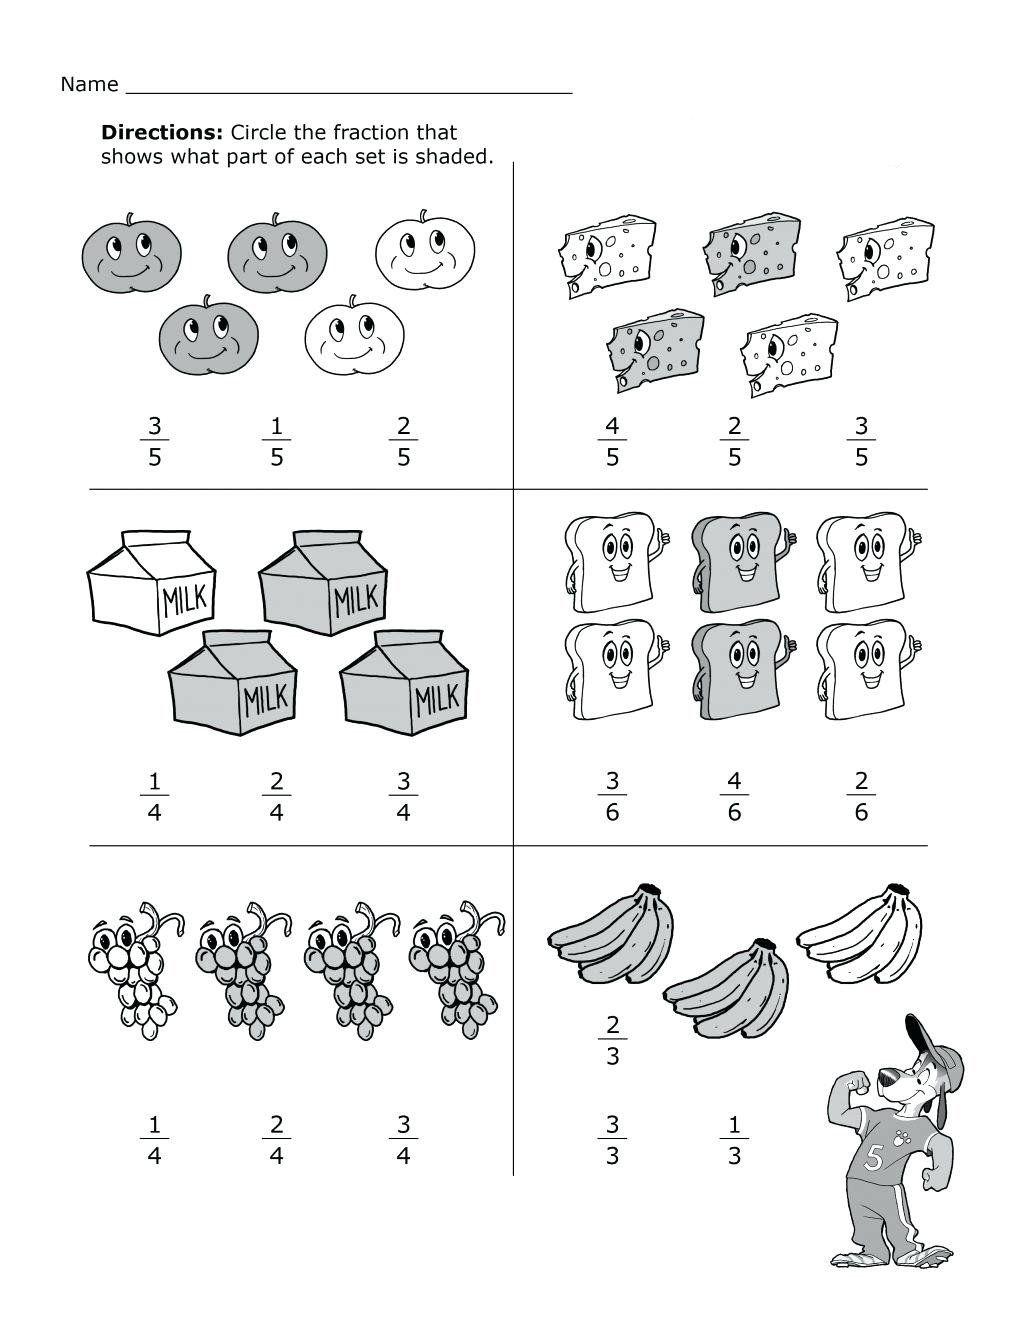 2nd Grade Fraction Worksheets 2nd Grade Math Worksheets Best Coloring Pages  for Kids   Fractions worksheets [ 1325 x 1024 Pixel ]